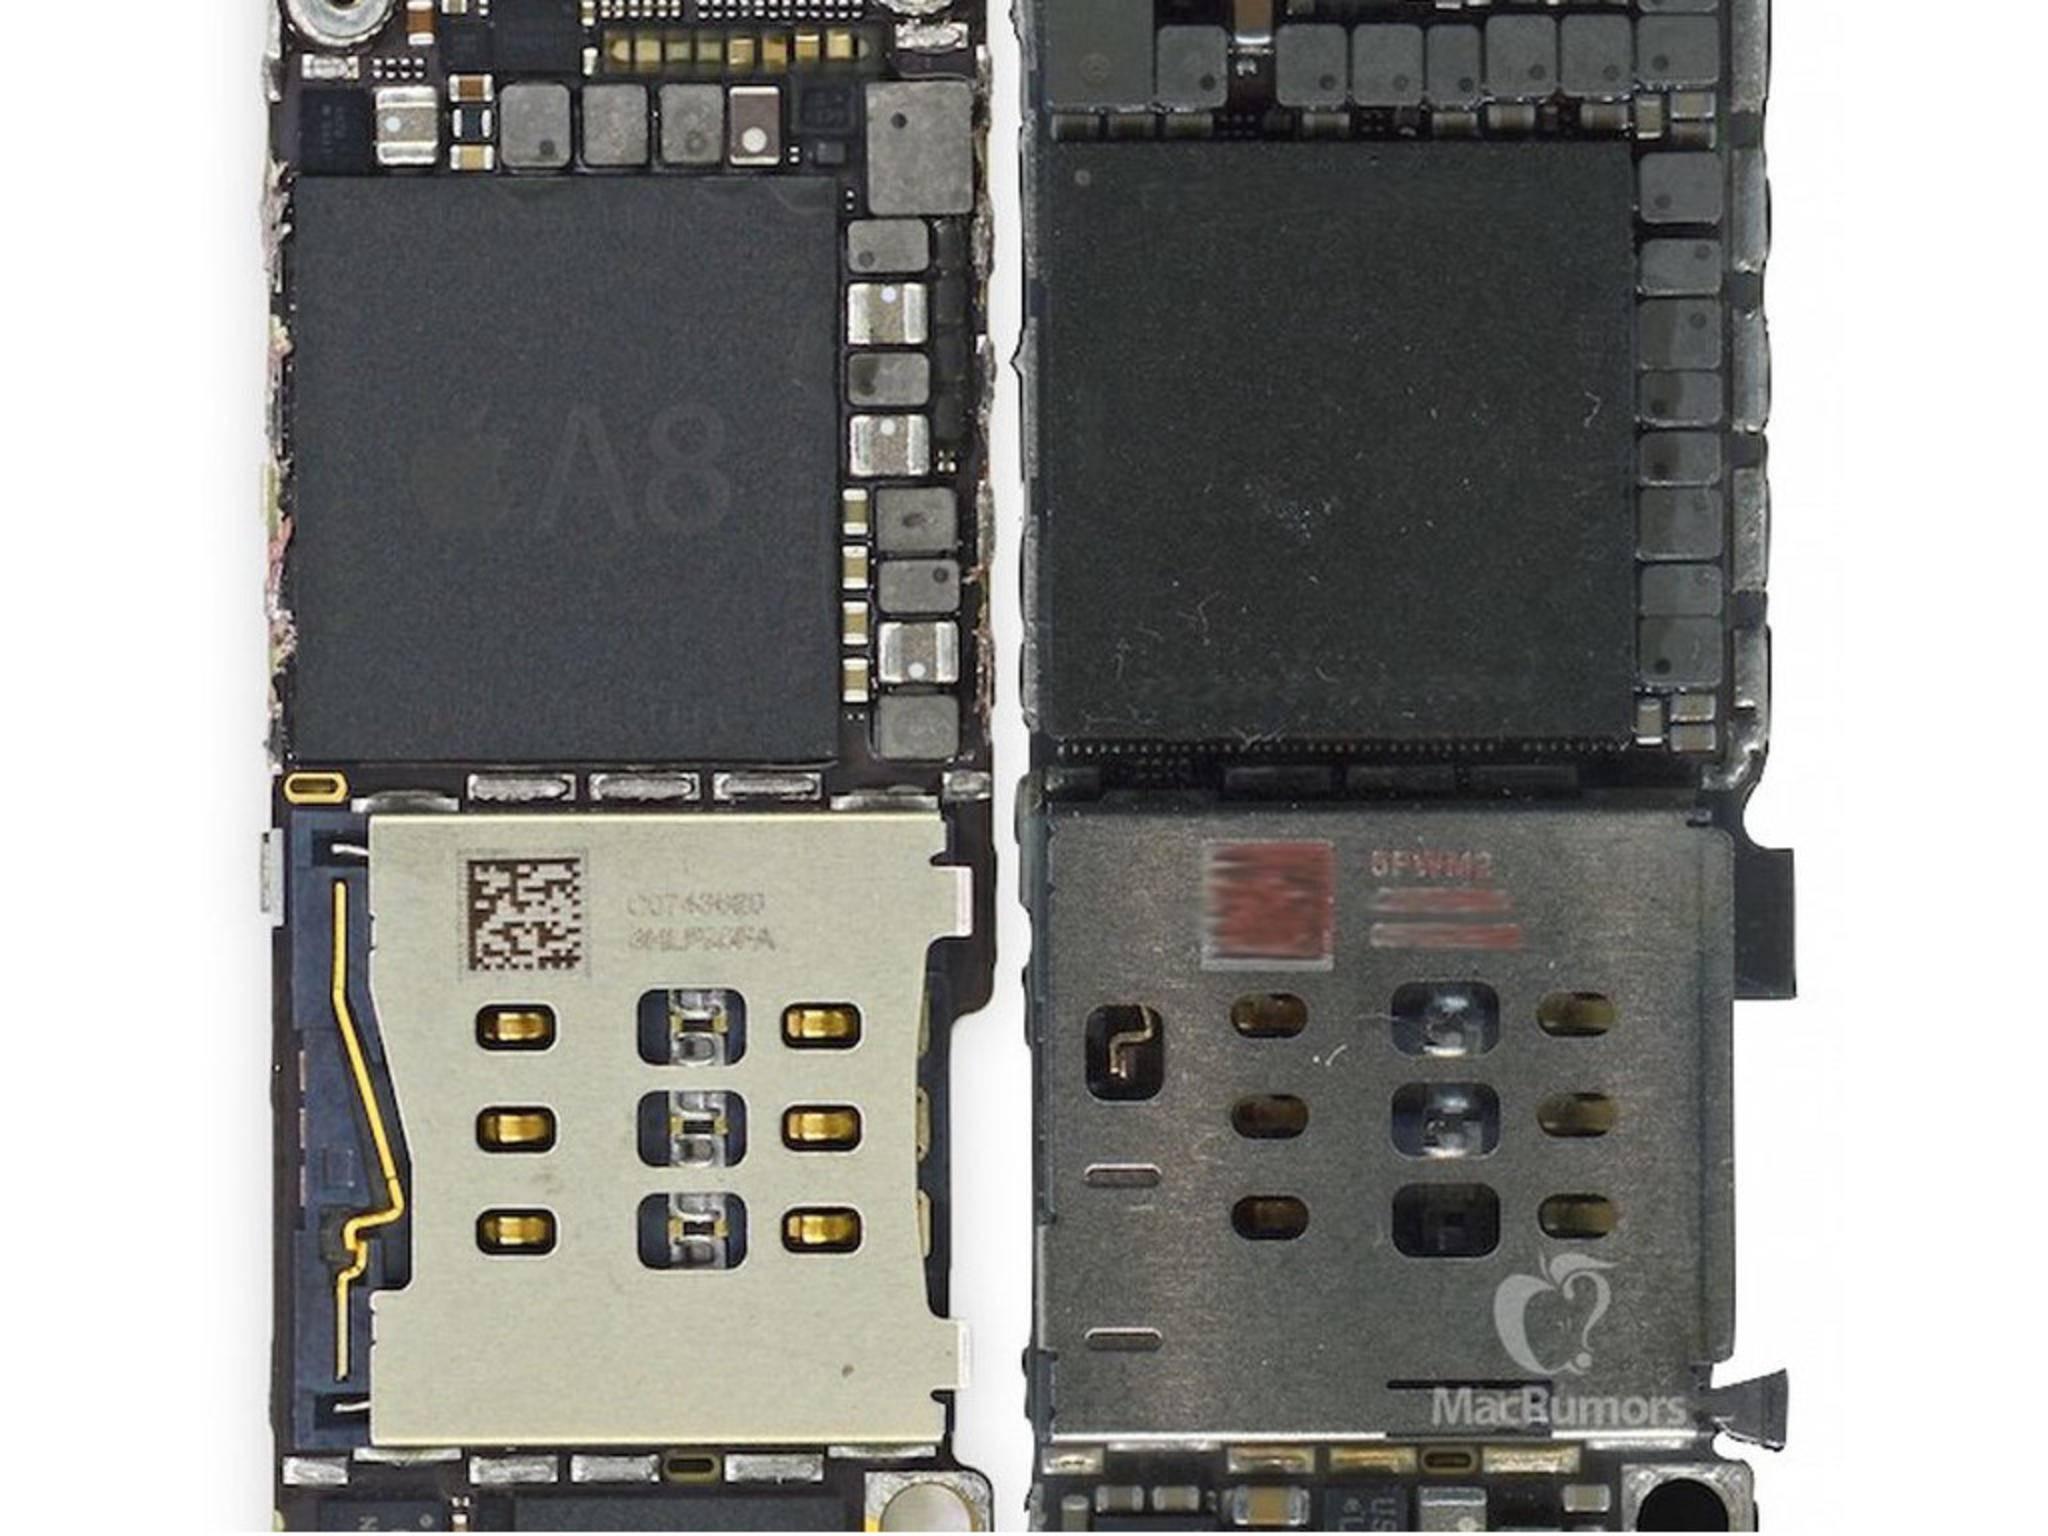 Der vermeintliche A9-Chip (rechts)ist etwas größer als der A8-Chip (links).